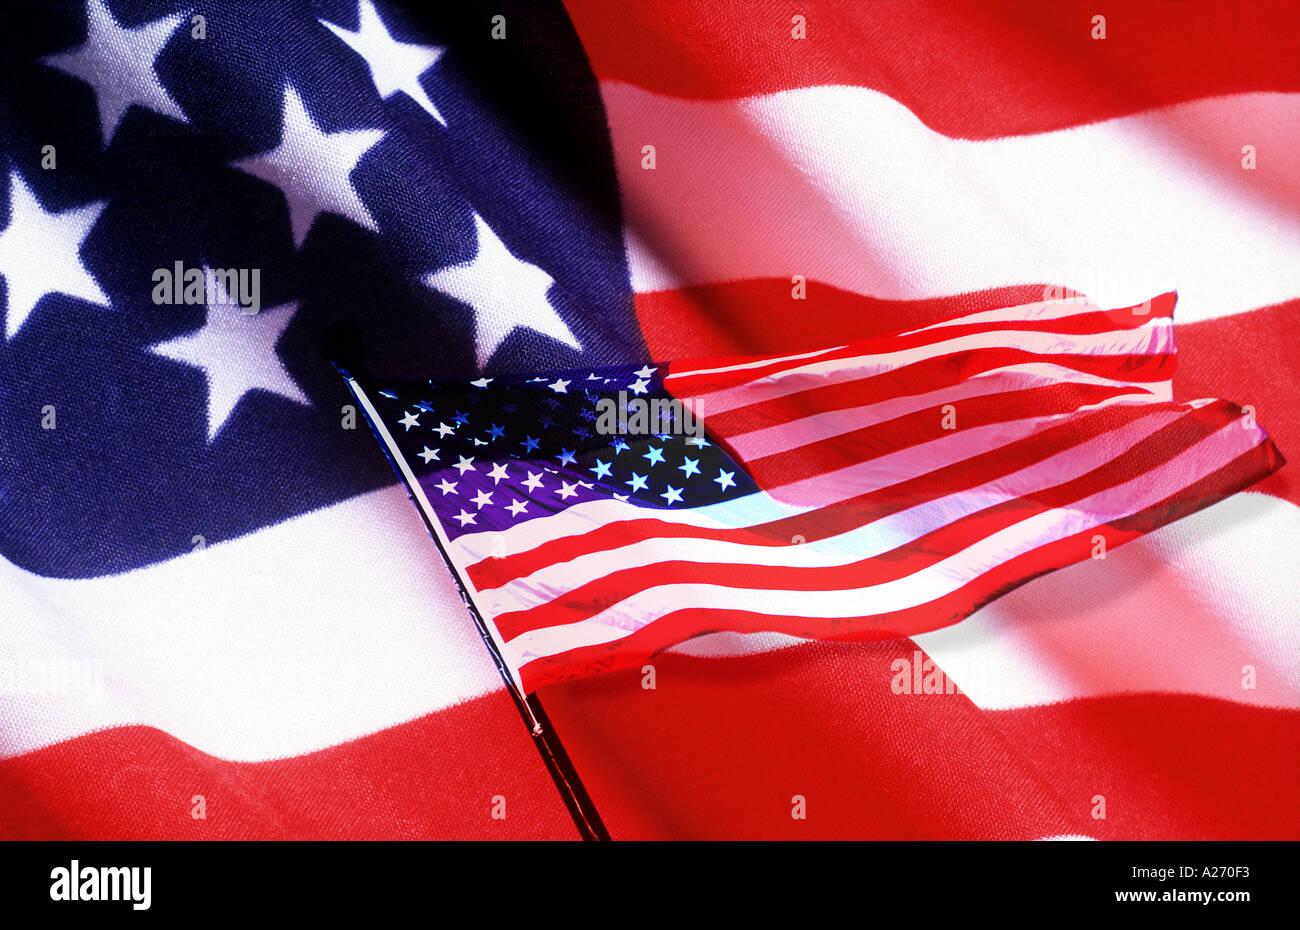 Estrellas rayas concepto bandera EE.UU. Imagen De Stock